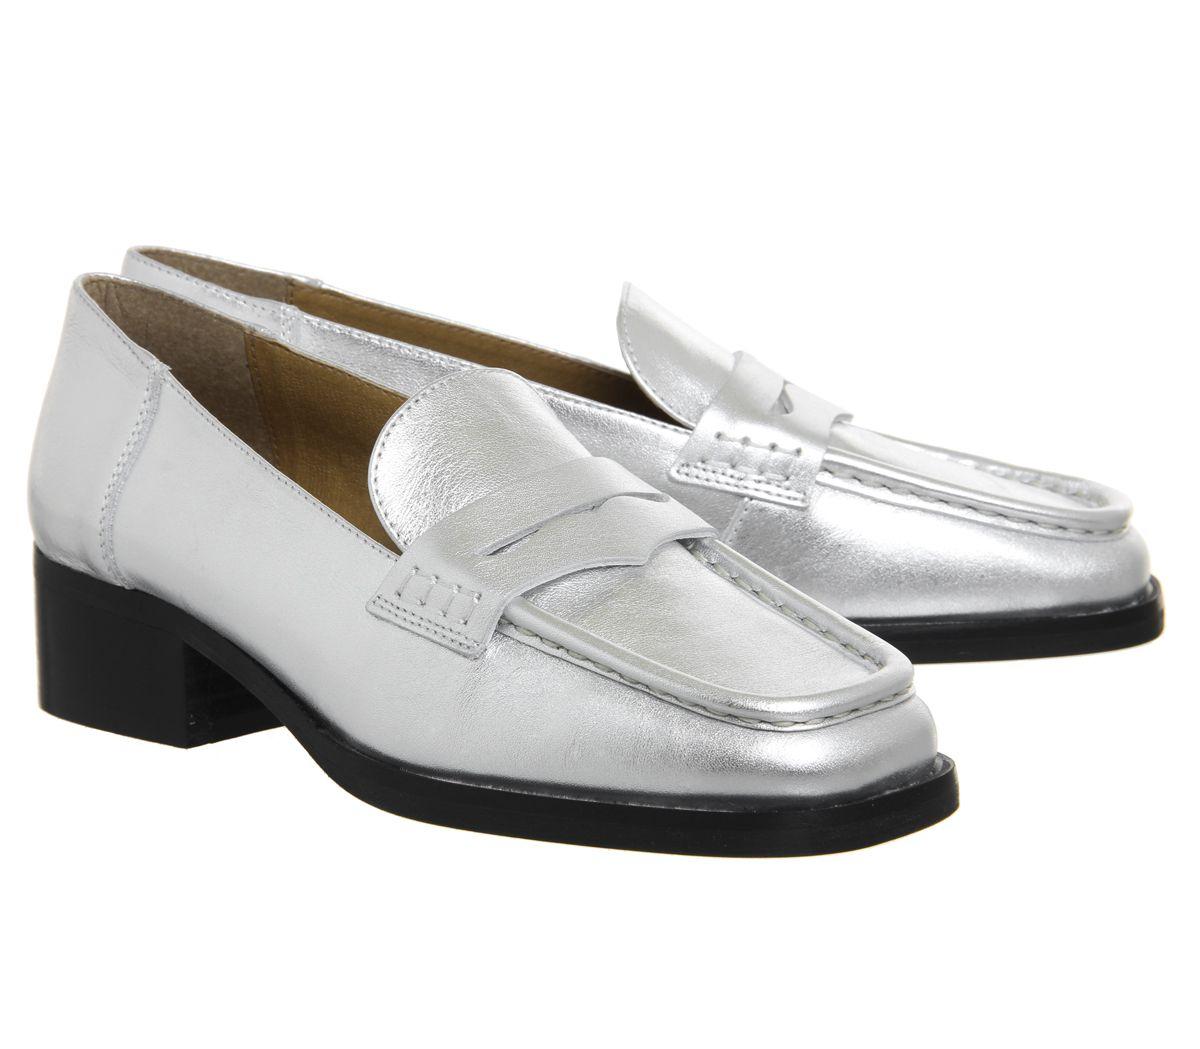 Da Donna Ufficio Fashion Show Square Punta Mocassini argento in pelle scarpe basse